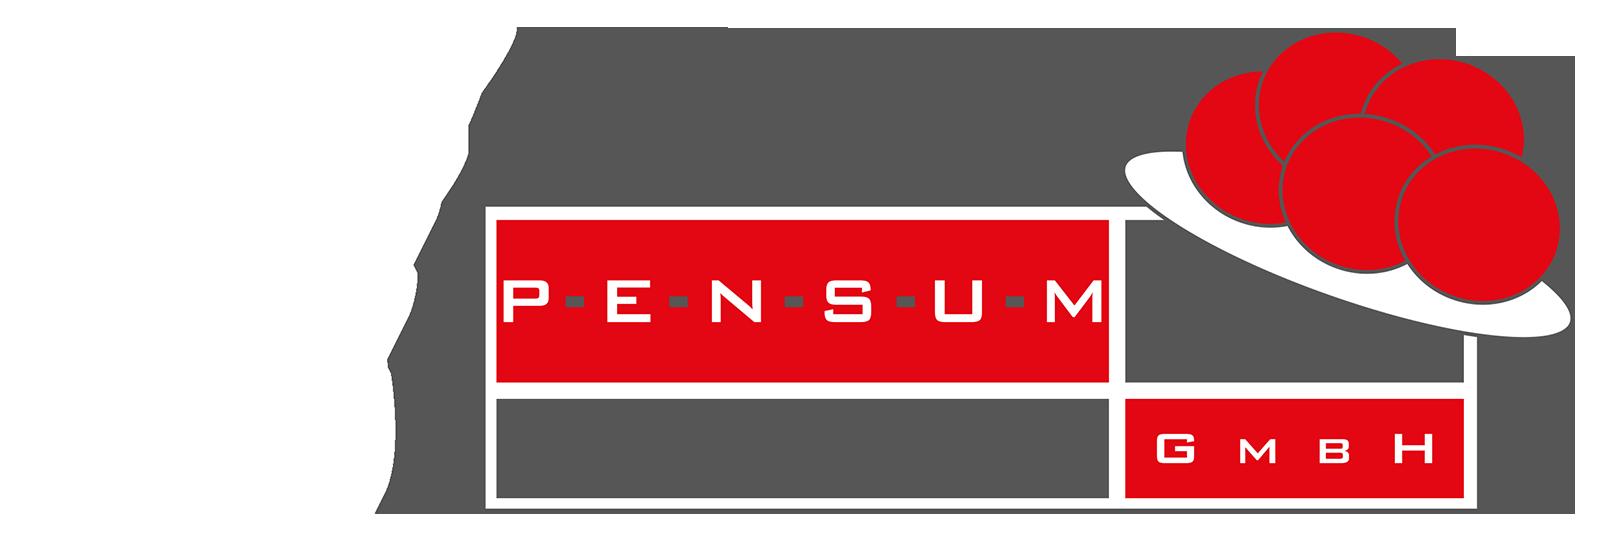 Pensum_Logo2